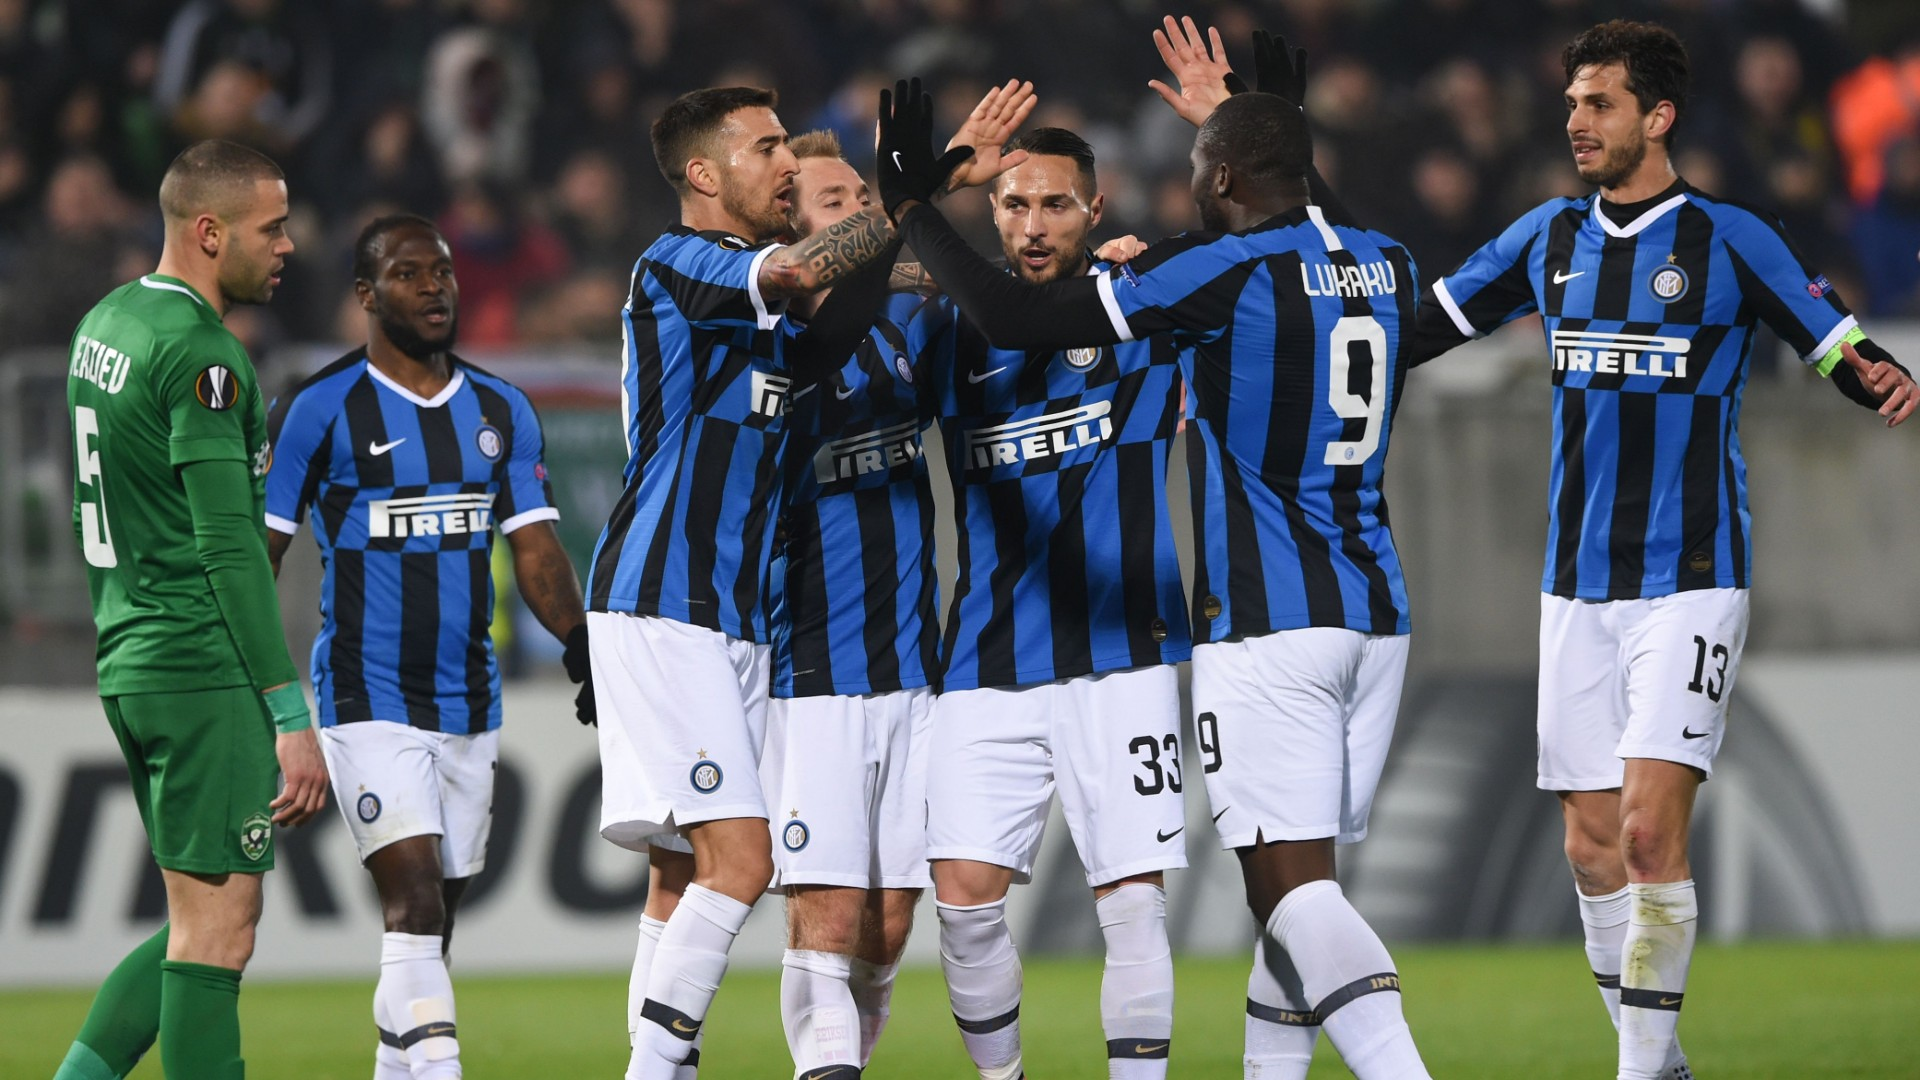 Serie A, Coupe d'Italie, Ligue Europa... Le nouveau calendrier de l'Inter